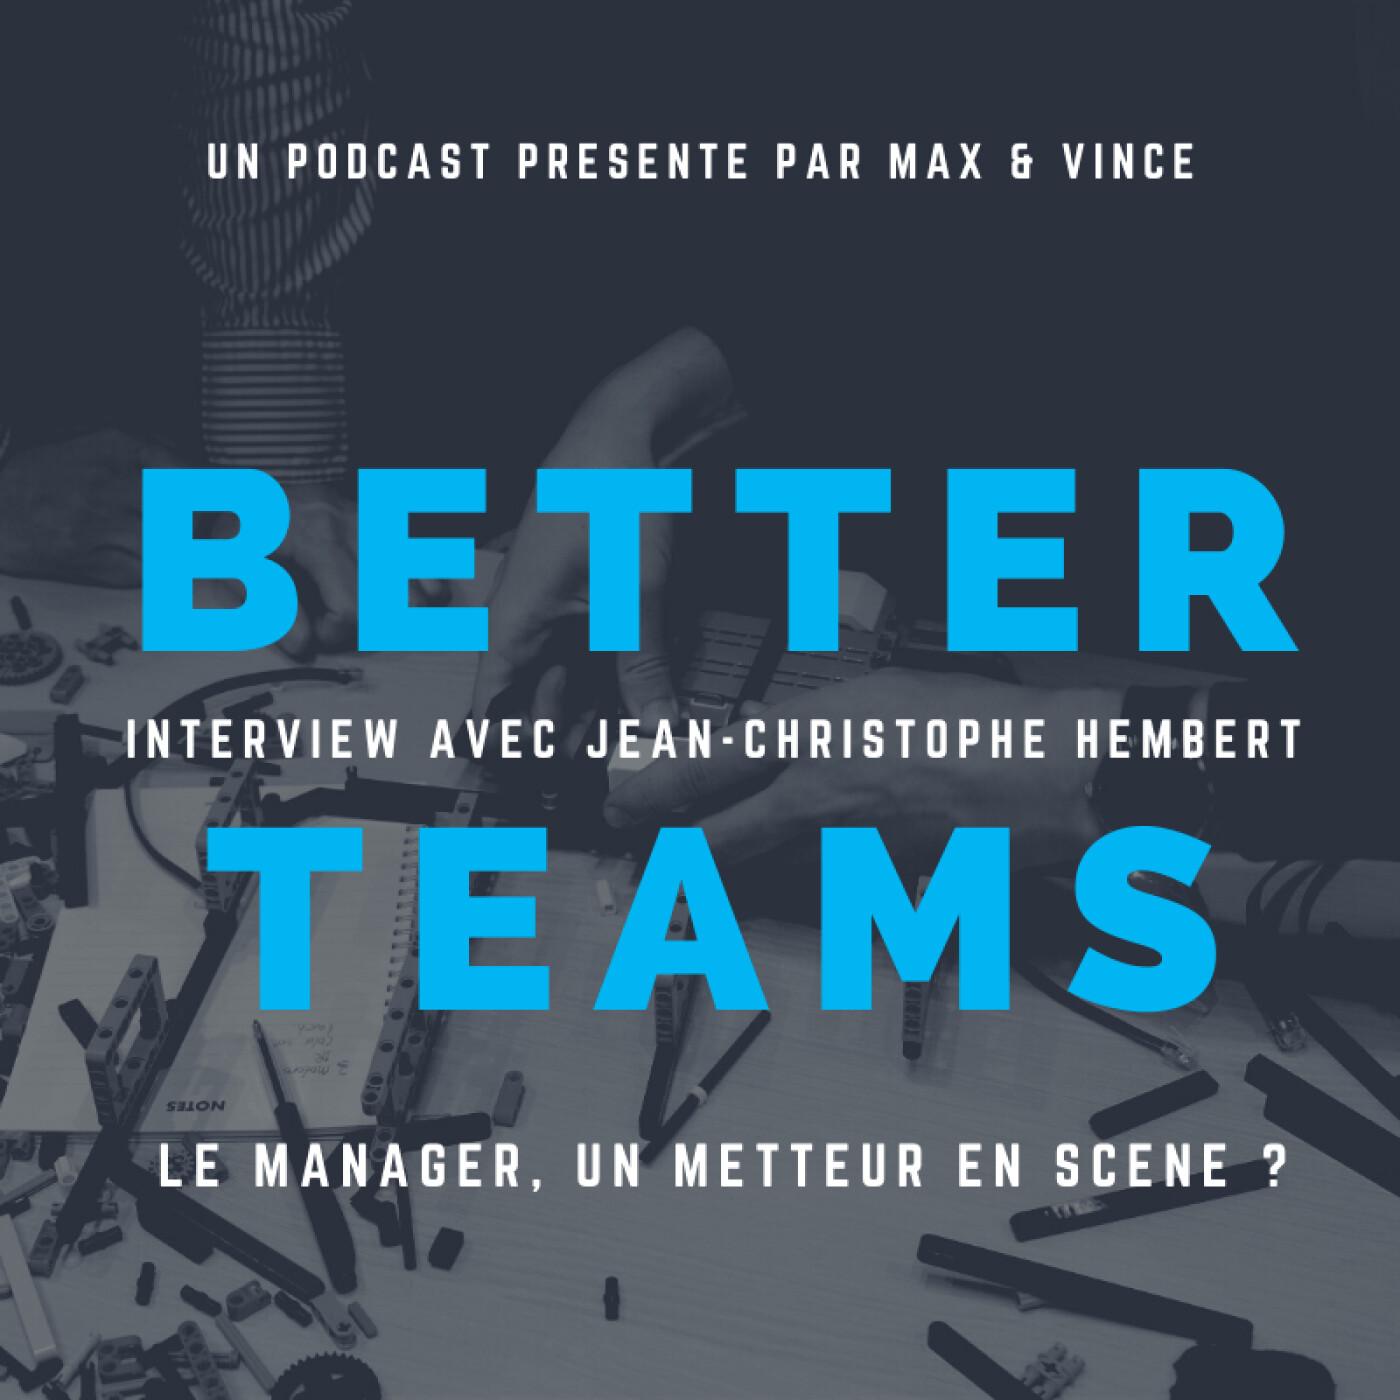 Le manager, un metteur en scène ? - Interview avec Jean-Christophe Hembert